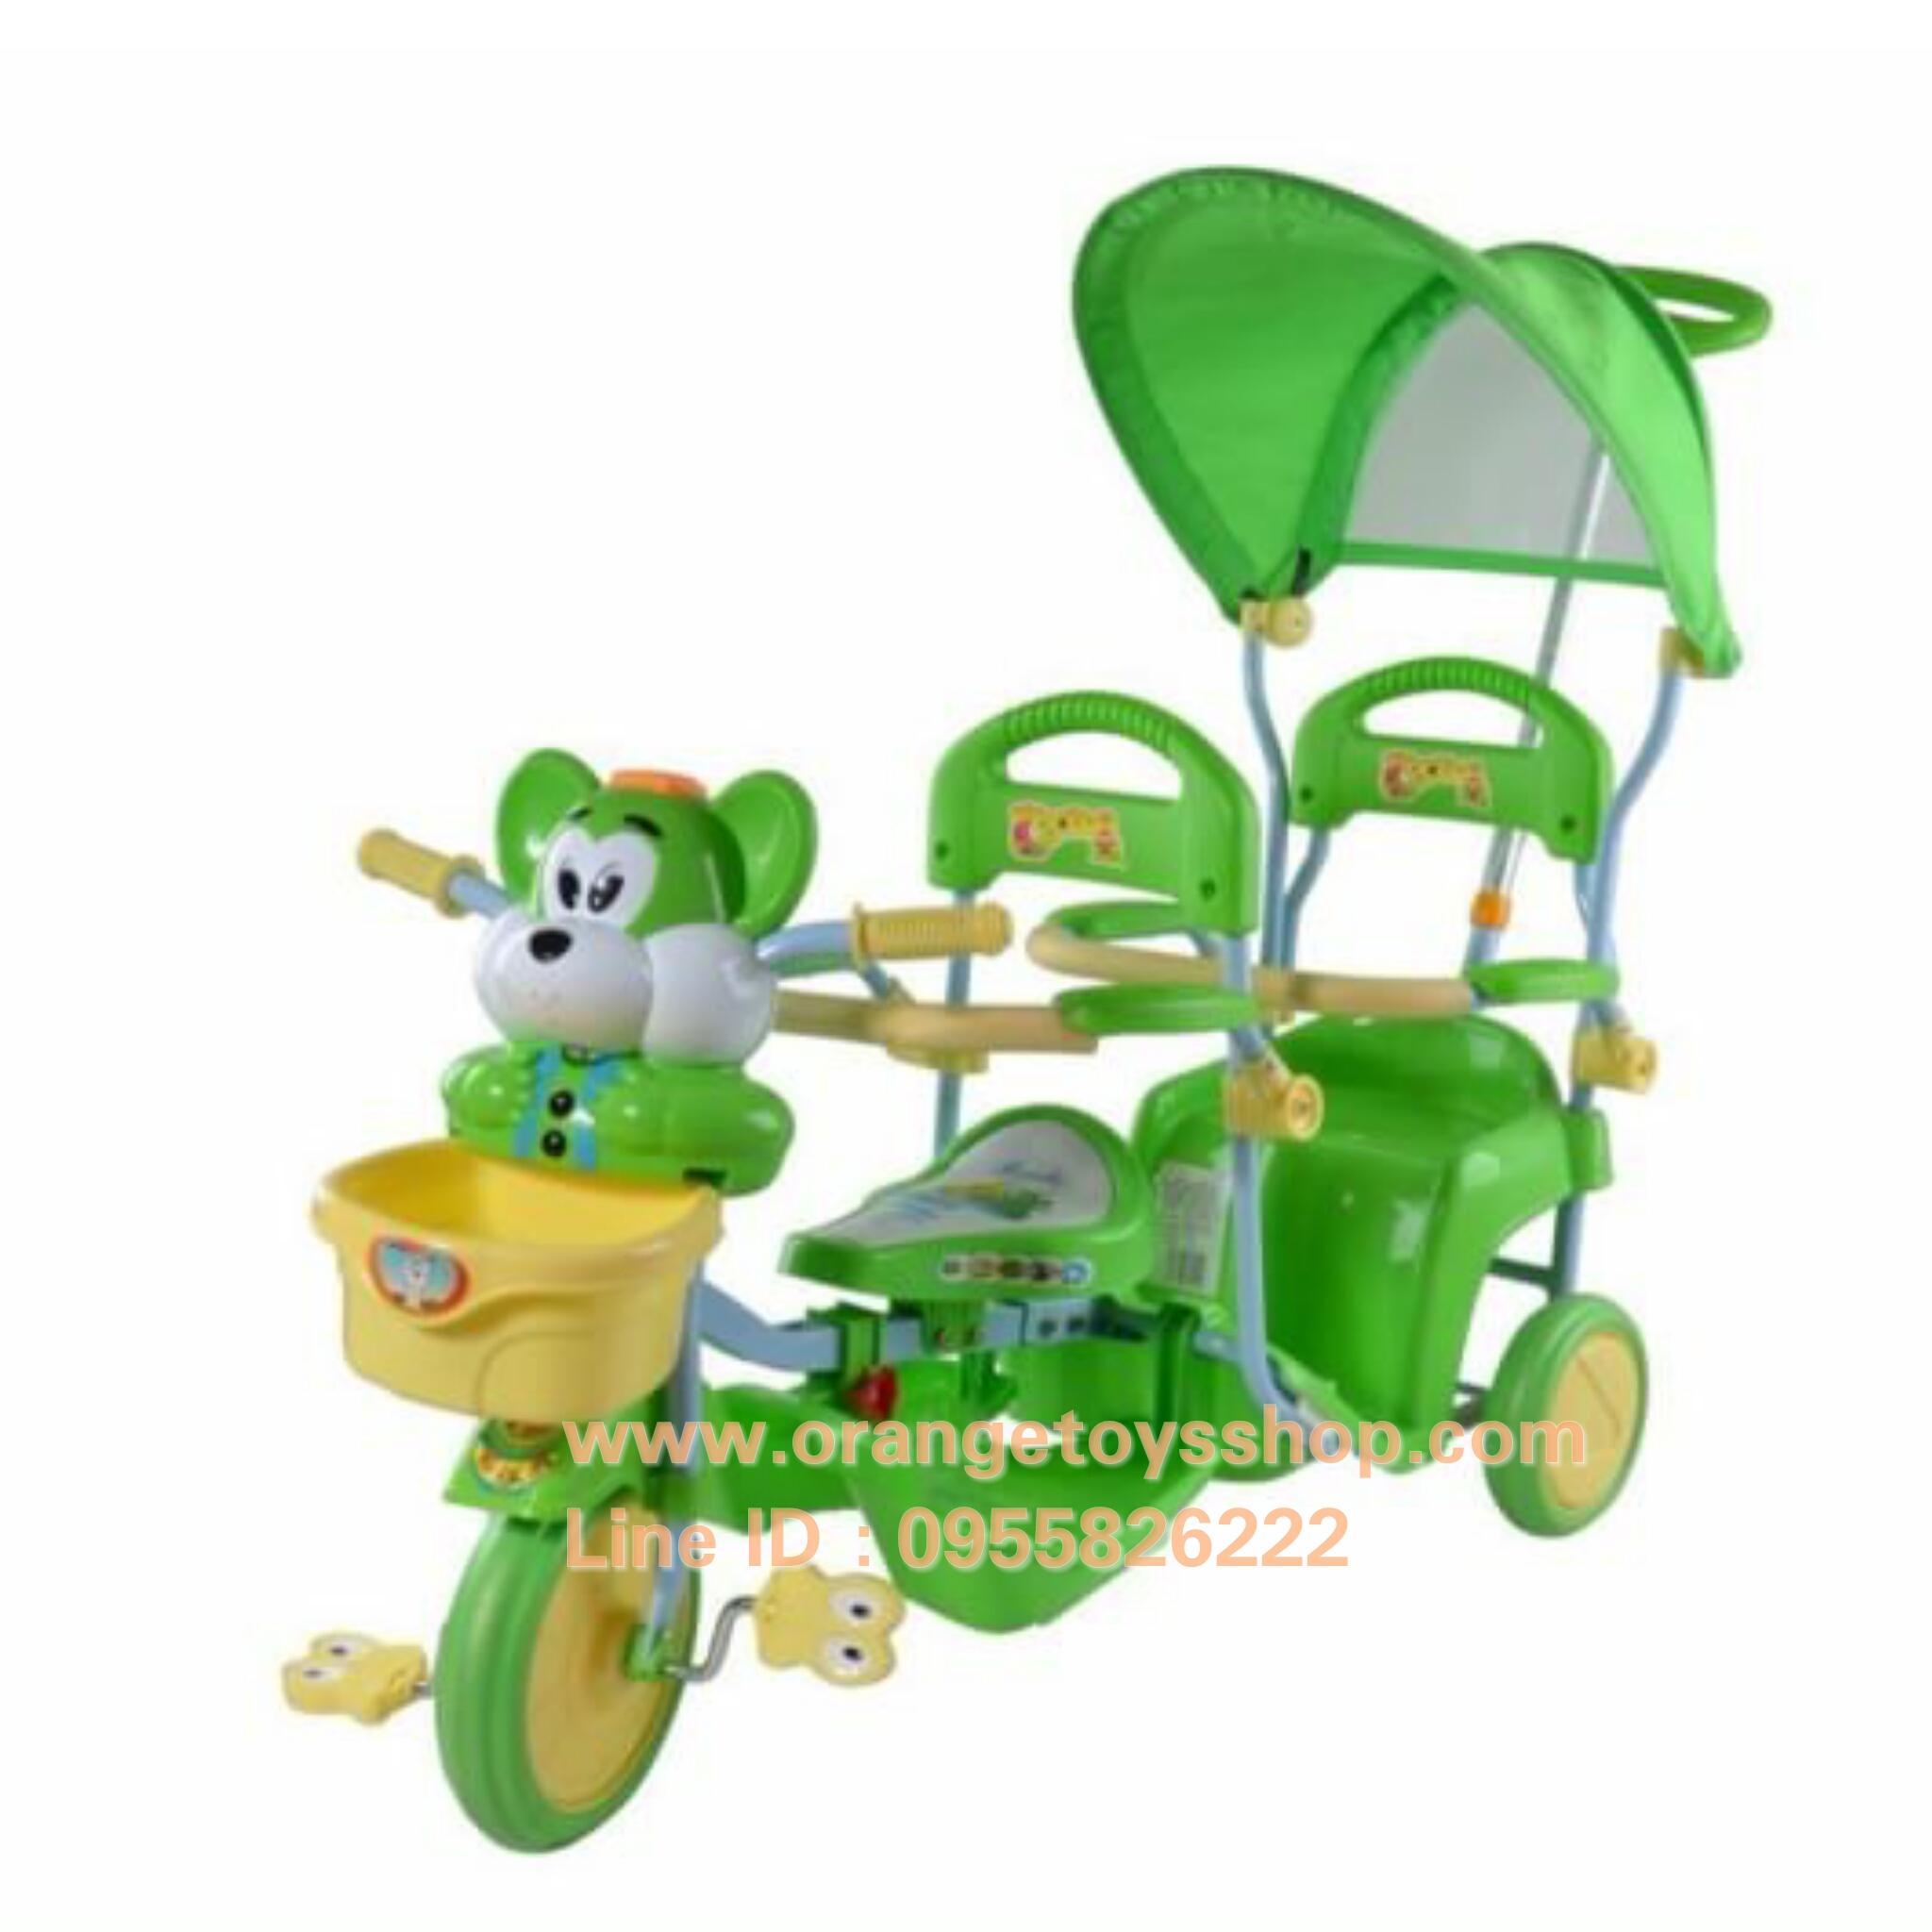 รถสามล้อเด็ก แบบนั่งสองคน เข็นได้ *** สีเขียว*** สามล้อสองที่นั่ง จักรยานสองที่นั่ง